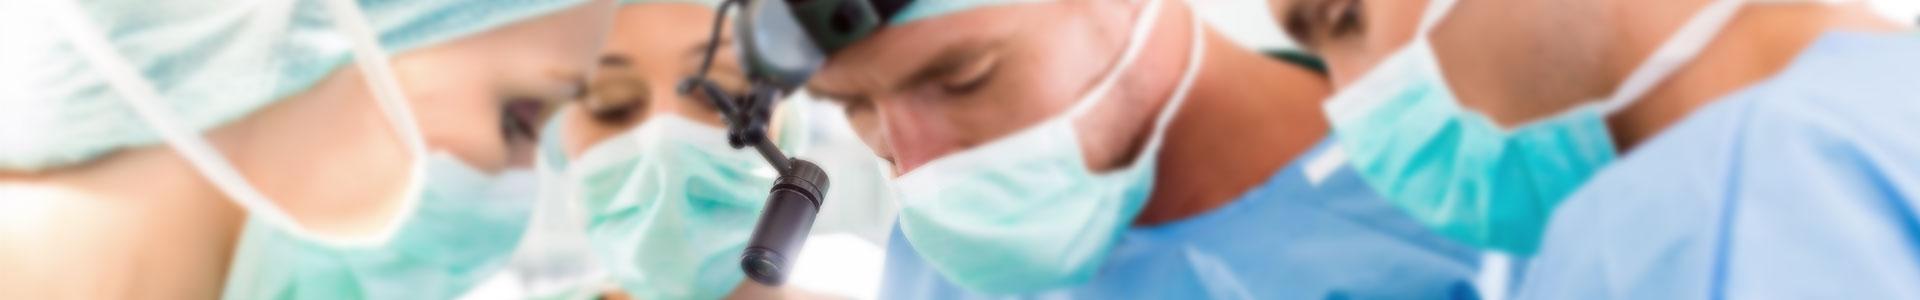 Prof. Luciano Catalfamo - Oncologia testa collo